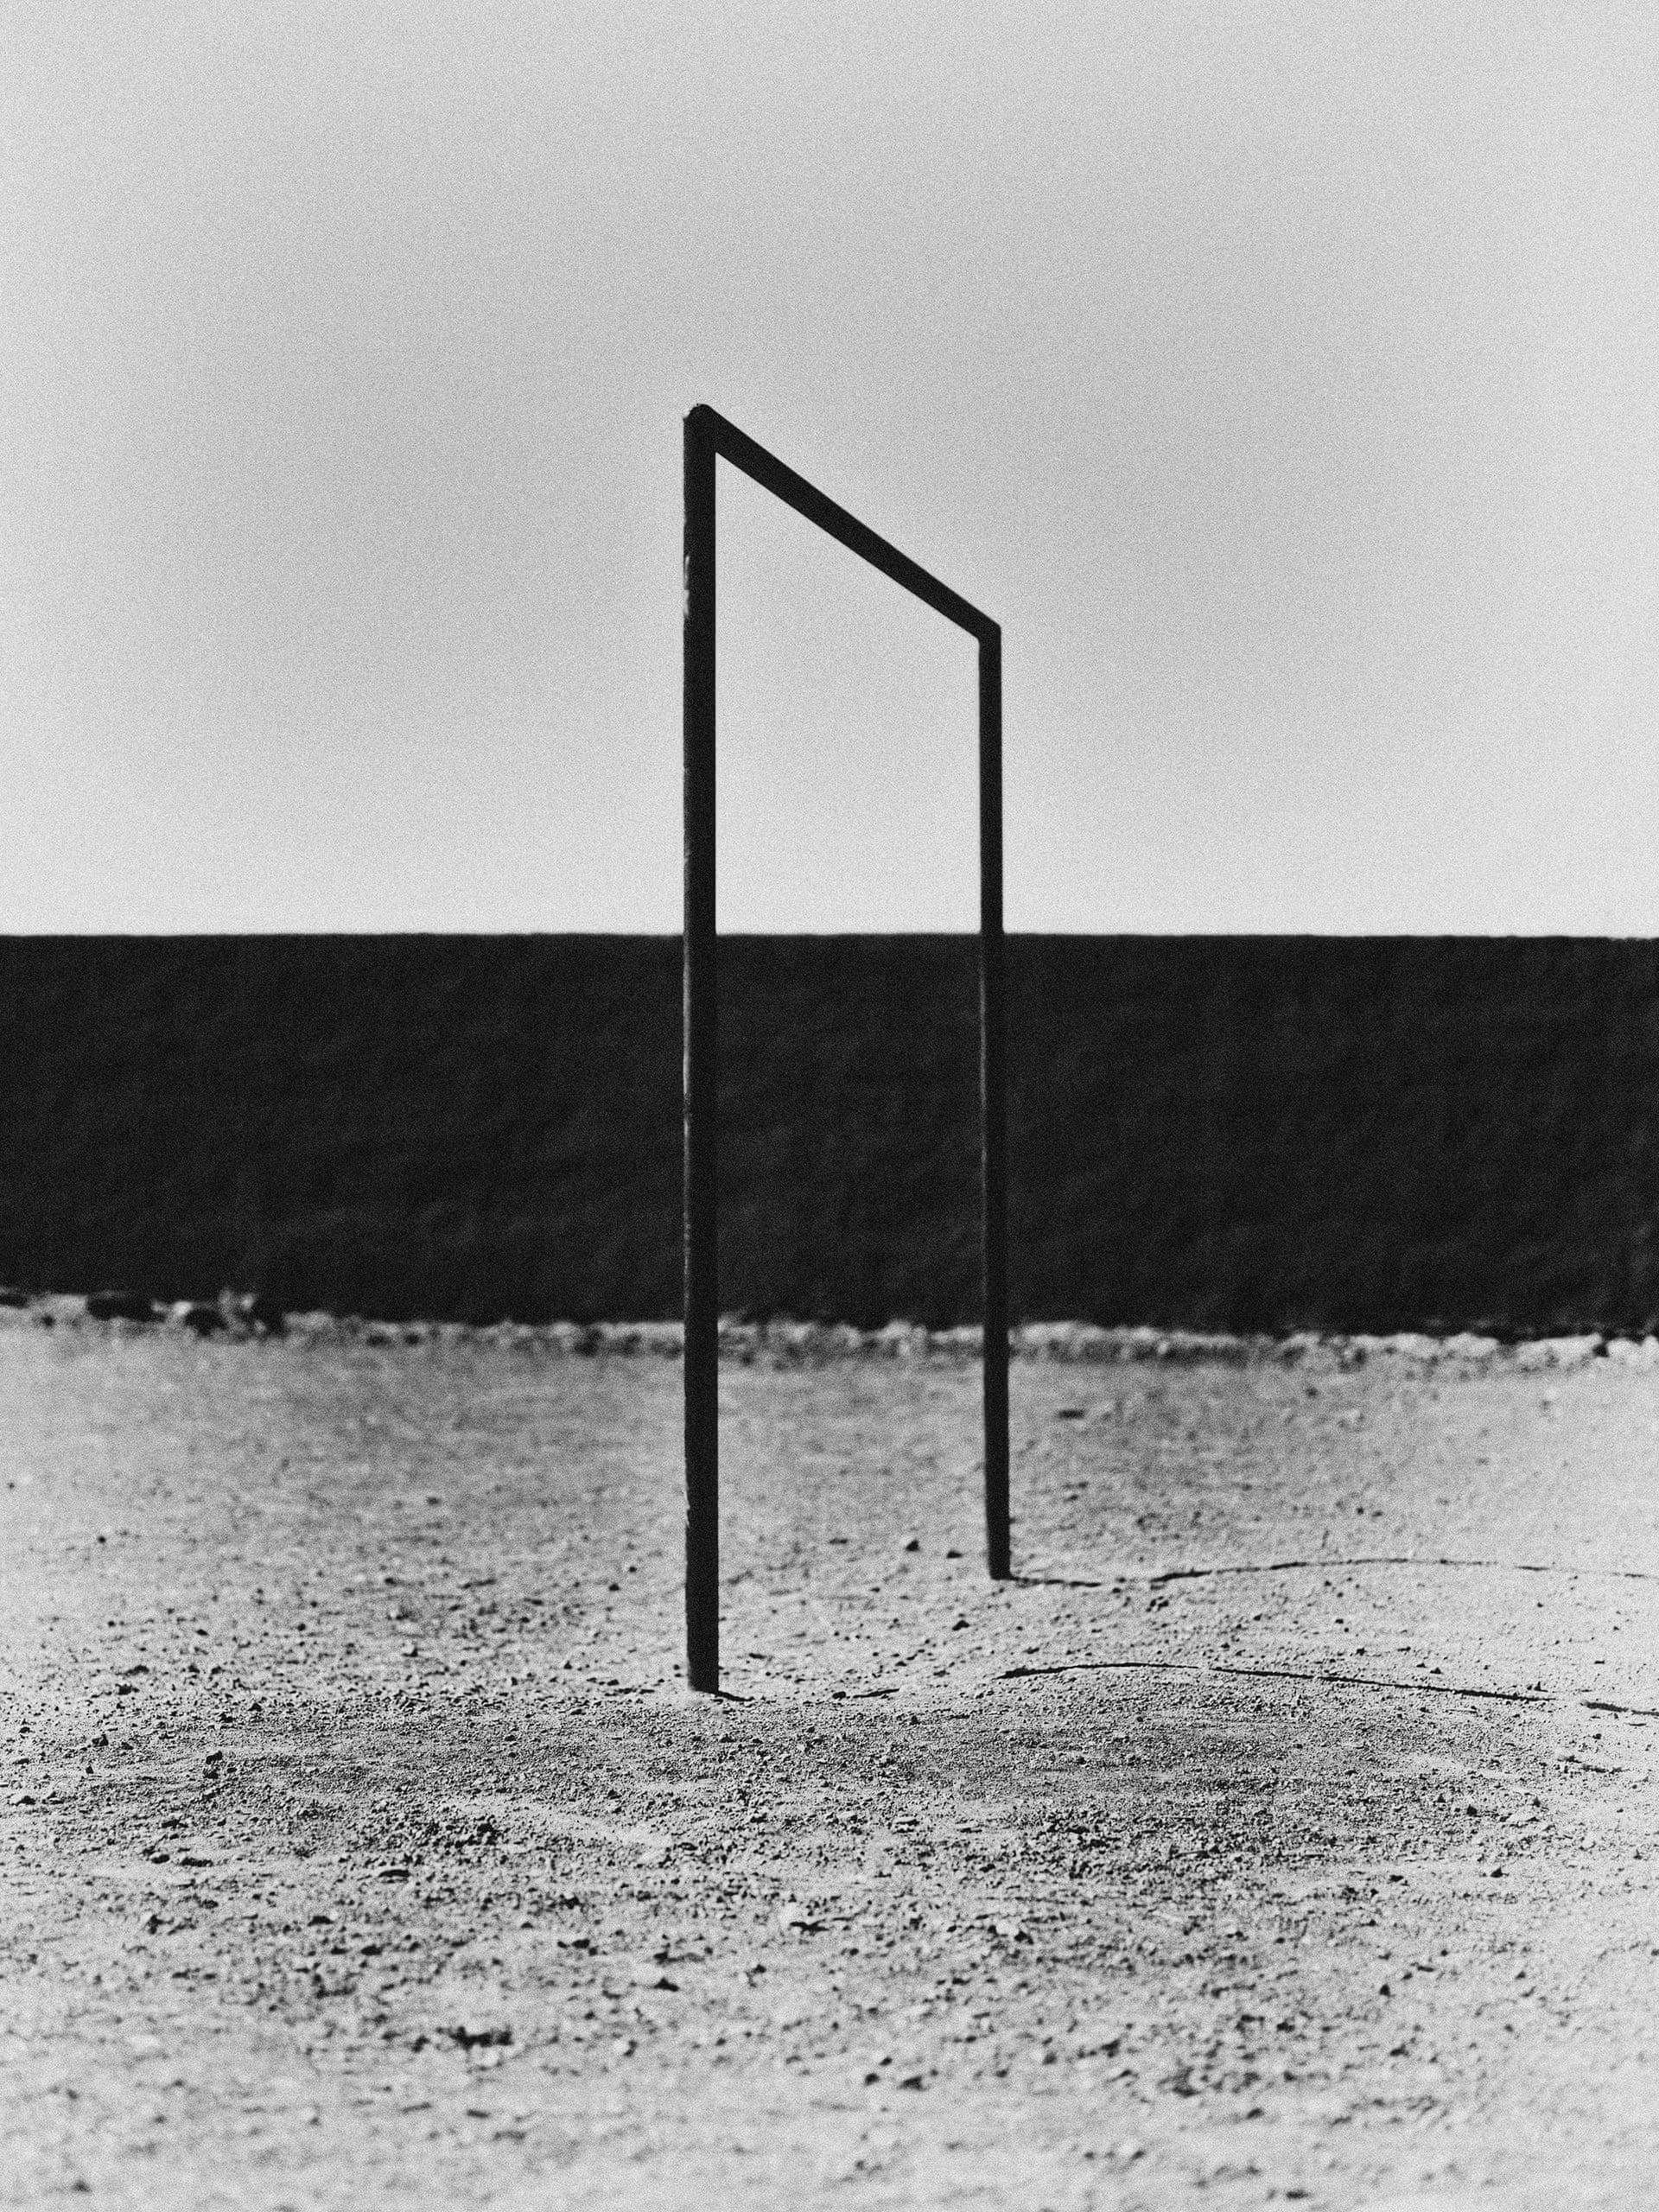 Black & White Fotografie von Bastiaan Woudt, Fußball, Tor